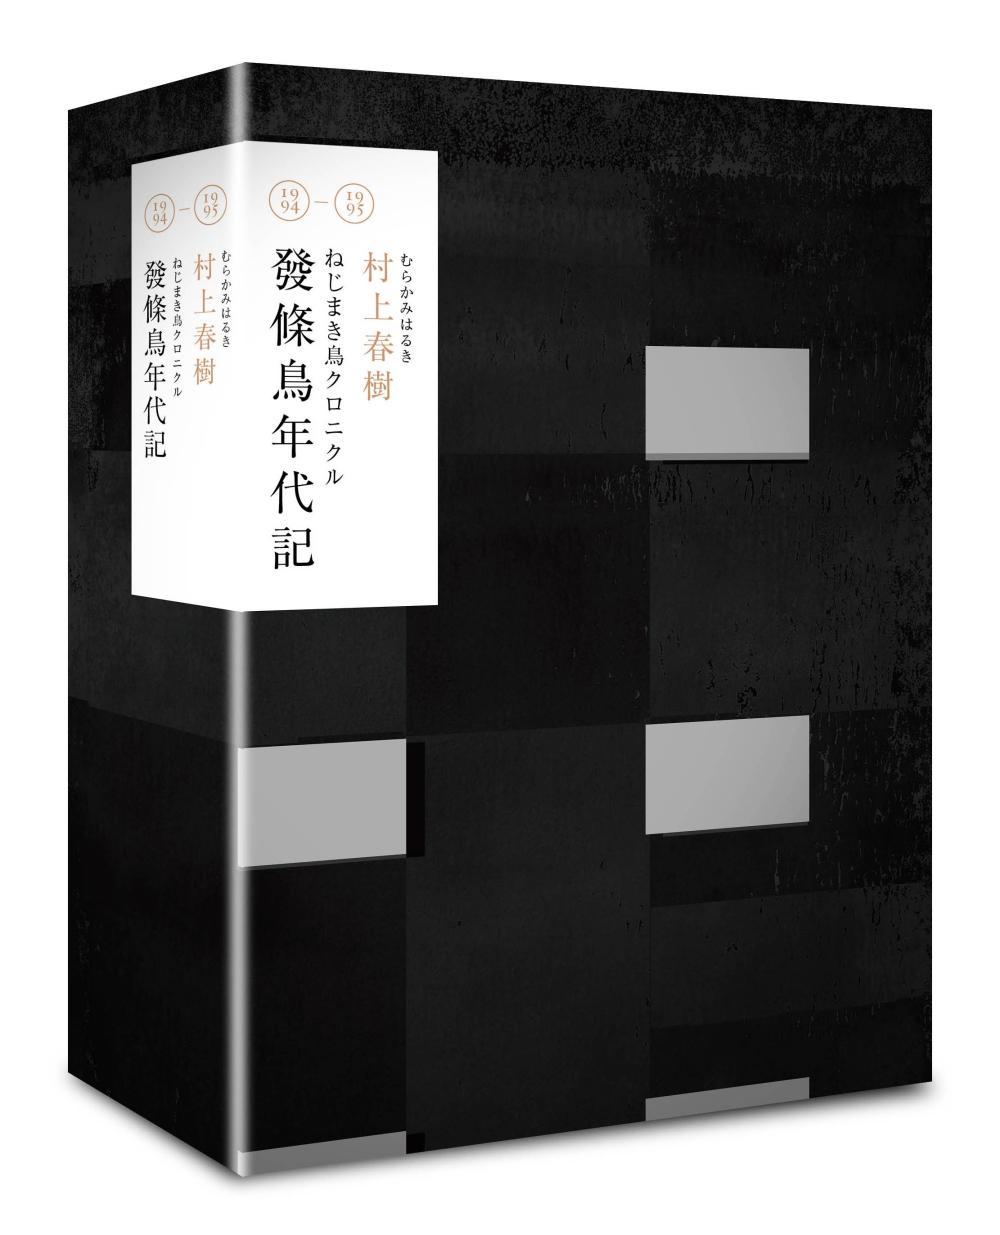 發條鳥年代記(村上春樹長篇小說盒裝典藏套書-3)